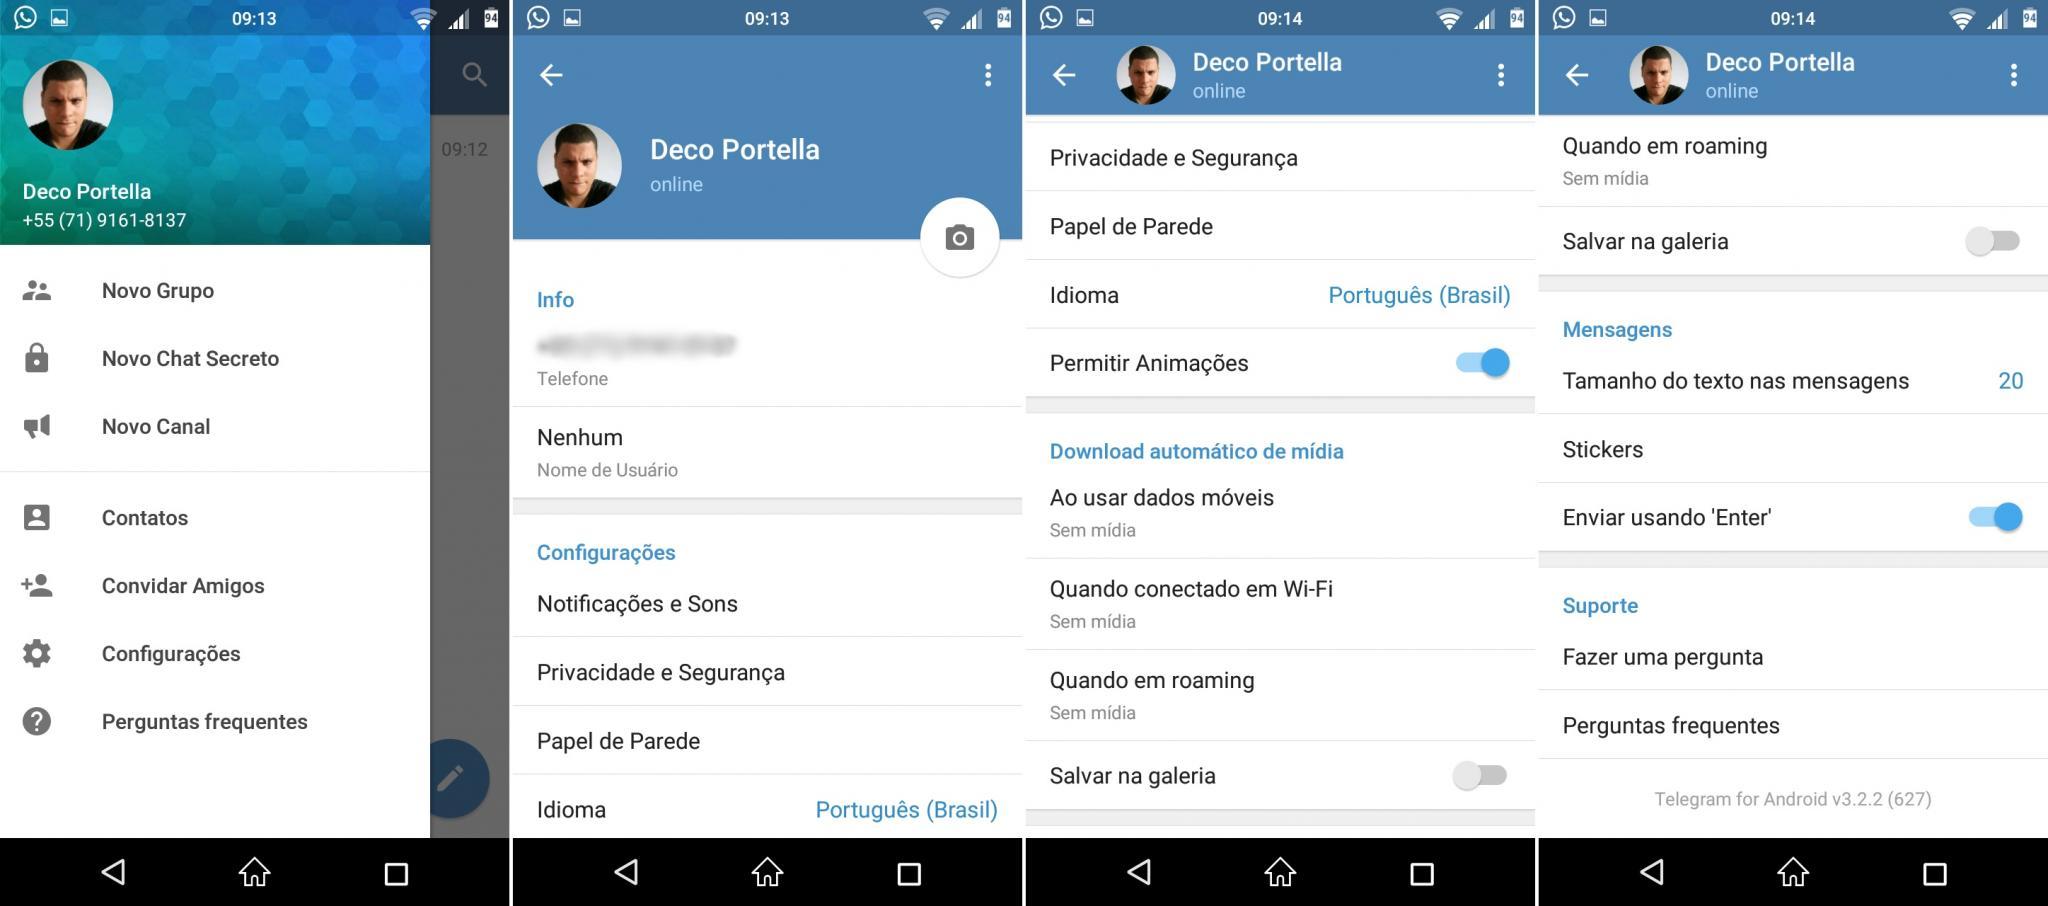 comparativo de apps #11 telegram - 16